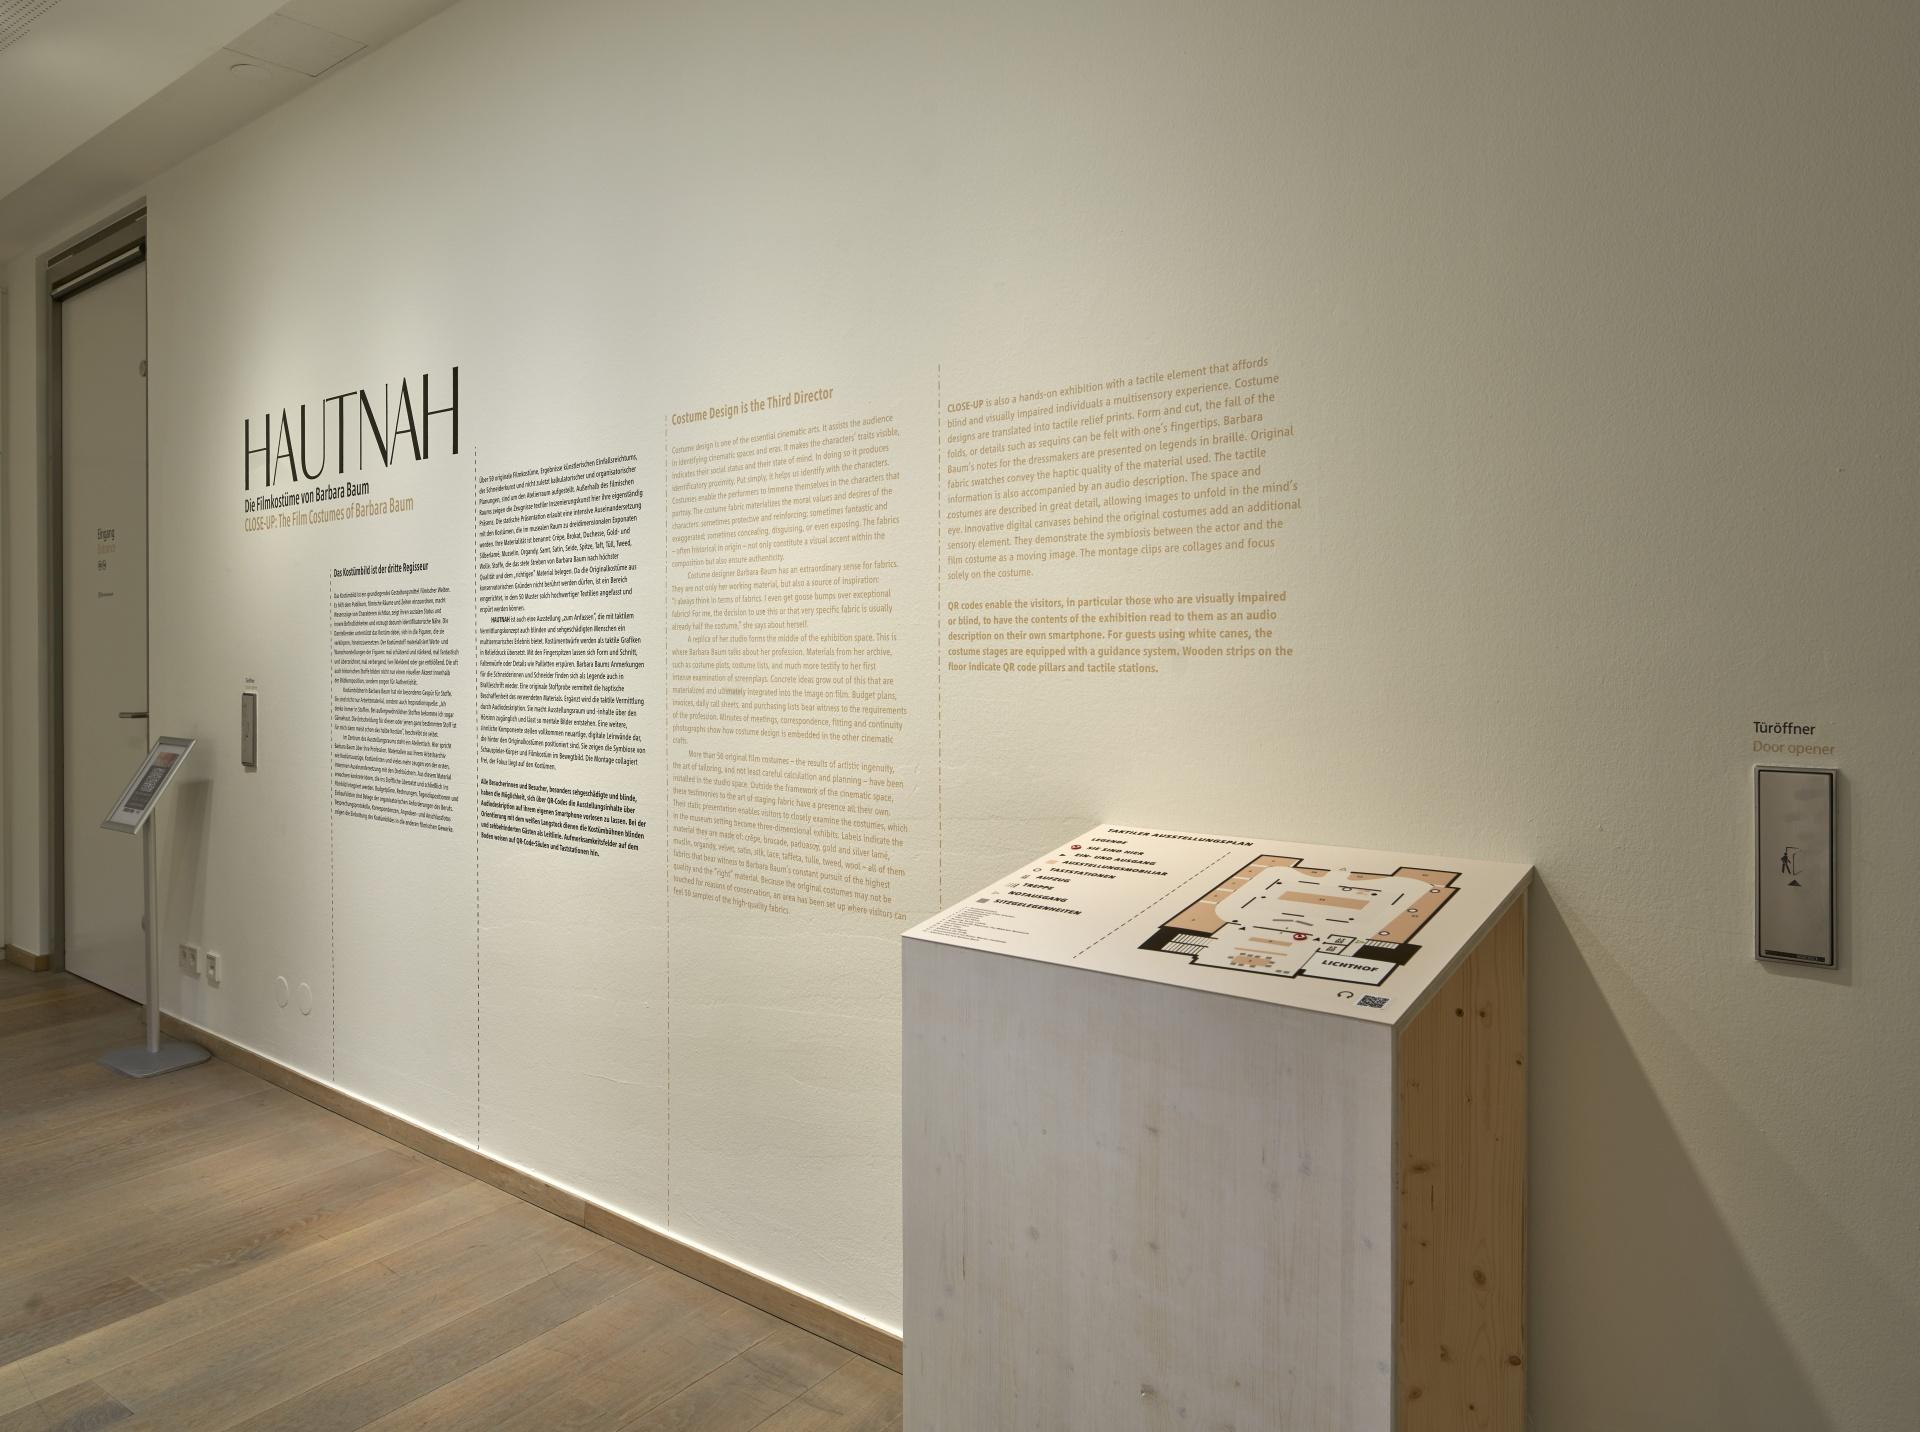 Ausstellungstitel an Wand mit Raumplan